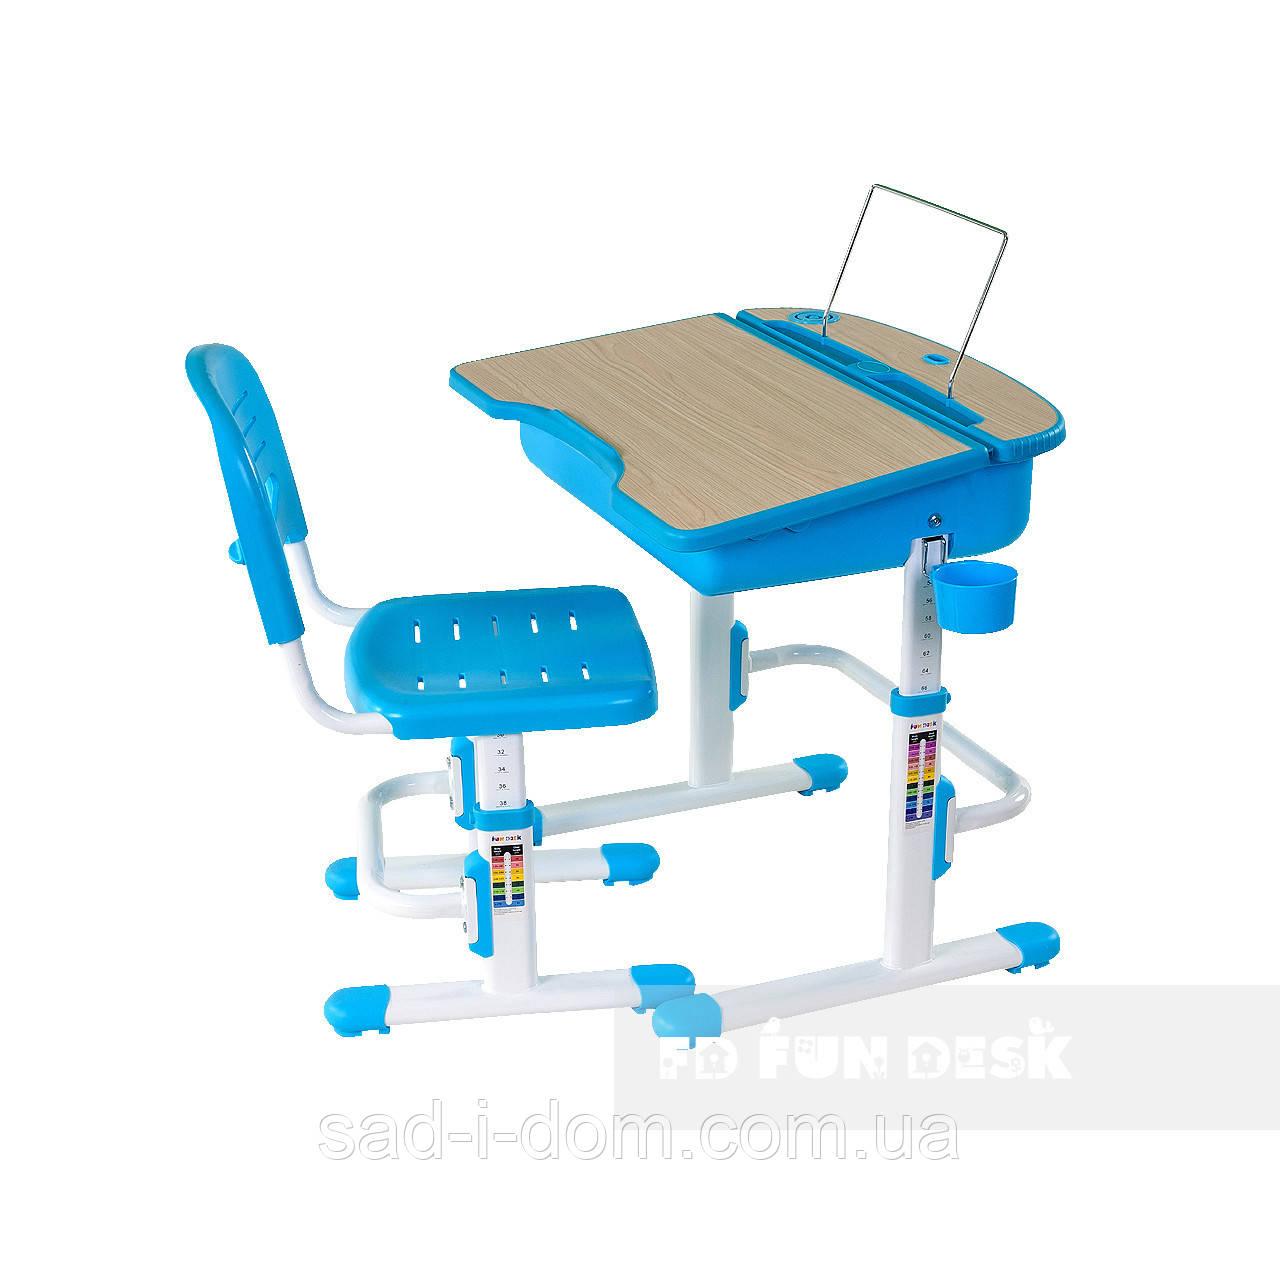 Детская парта со стульчиком, парта-трансформер FunDesk Capri, голубая